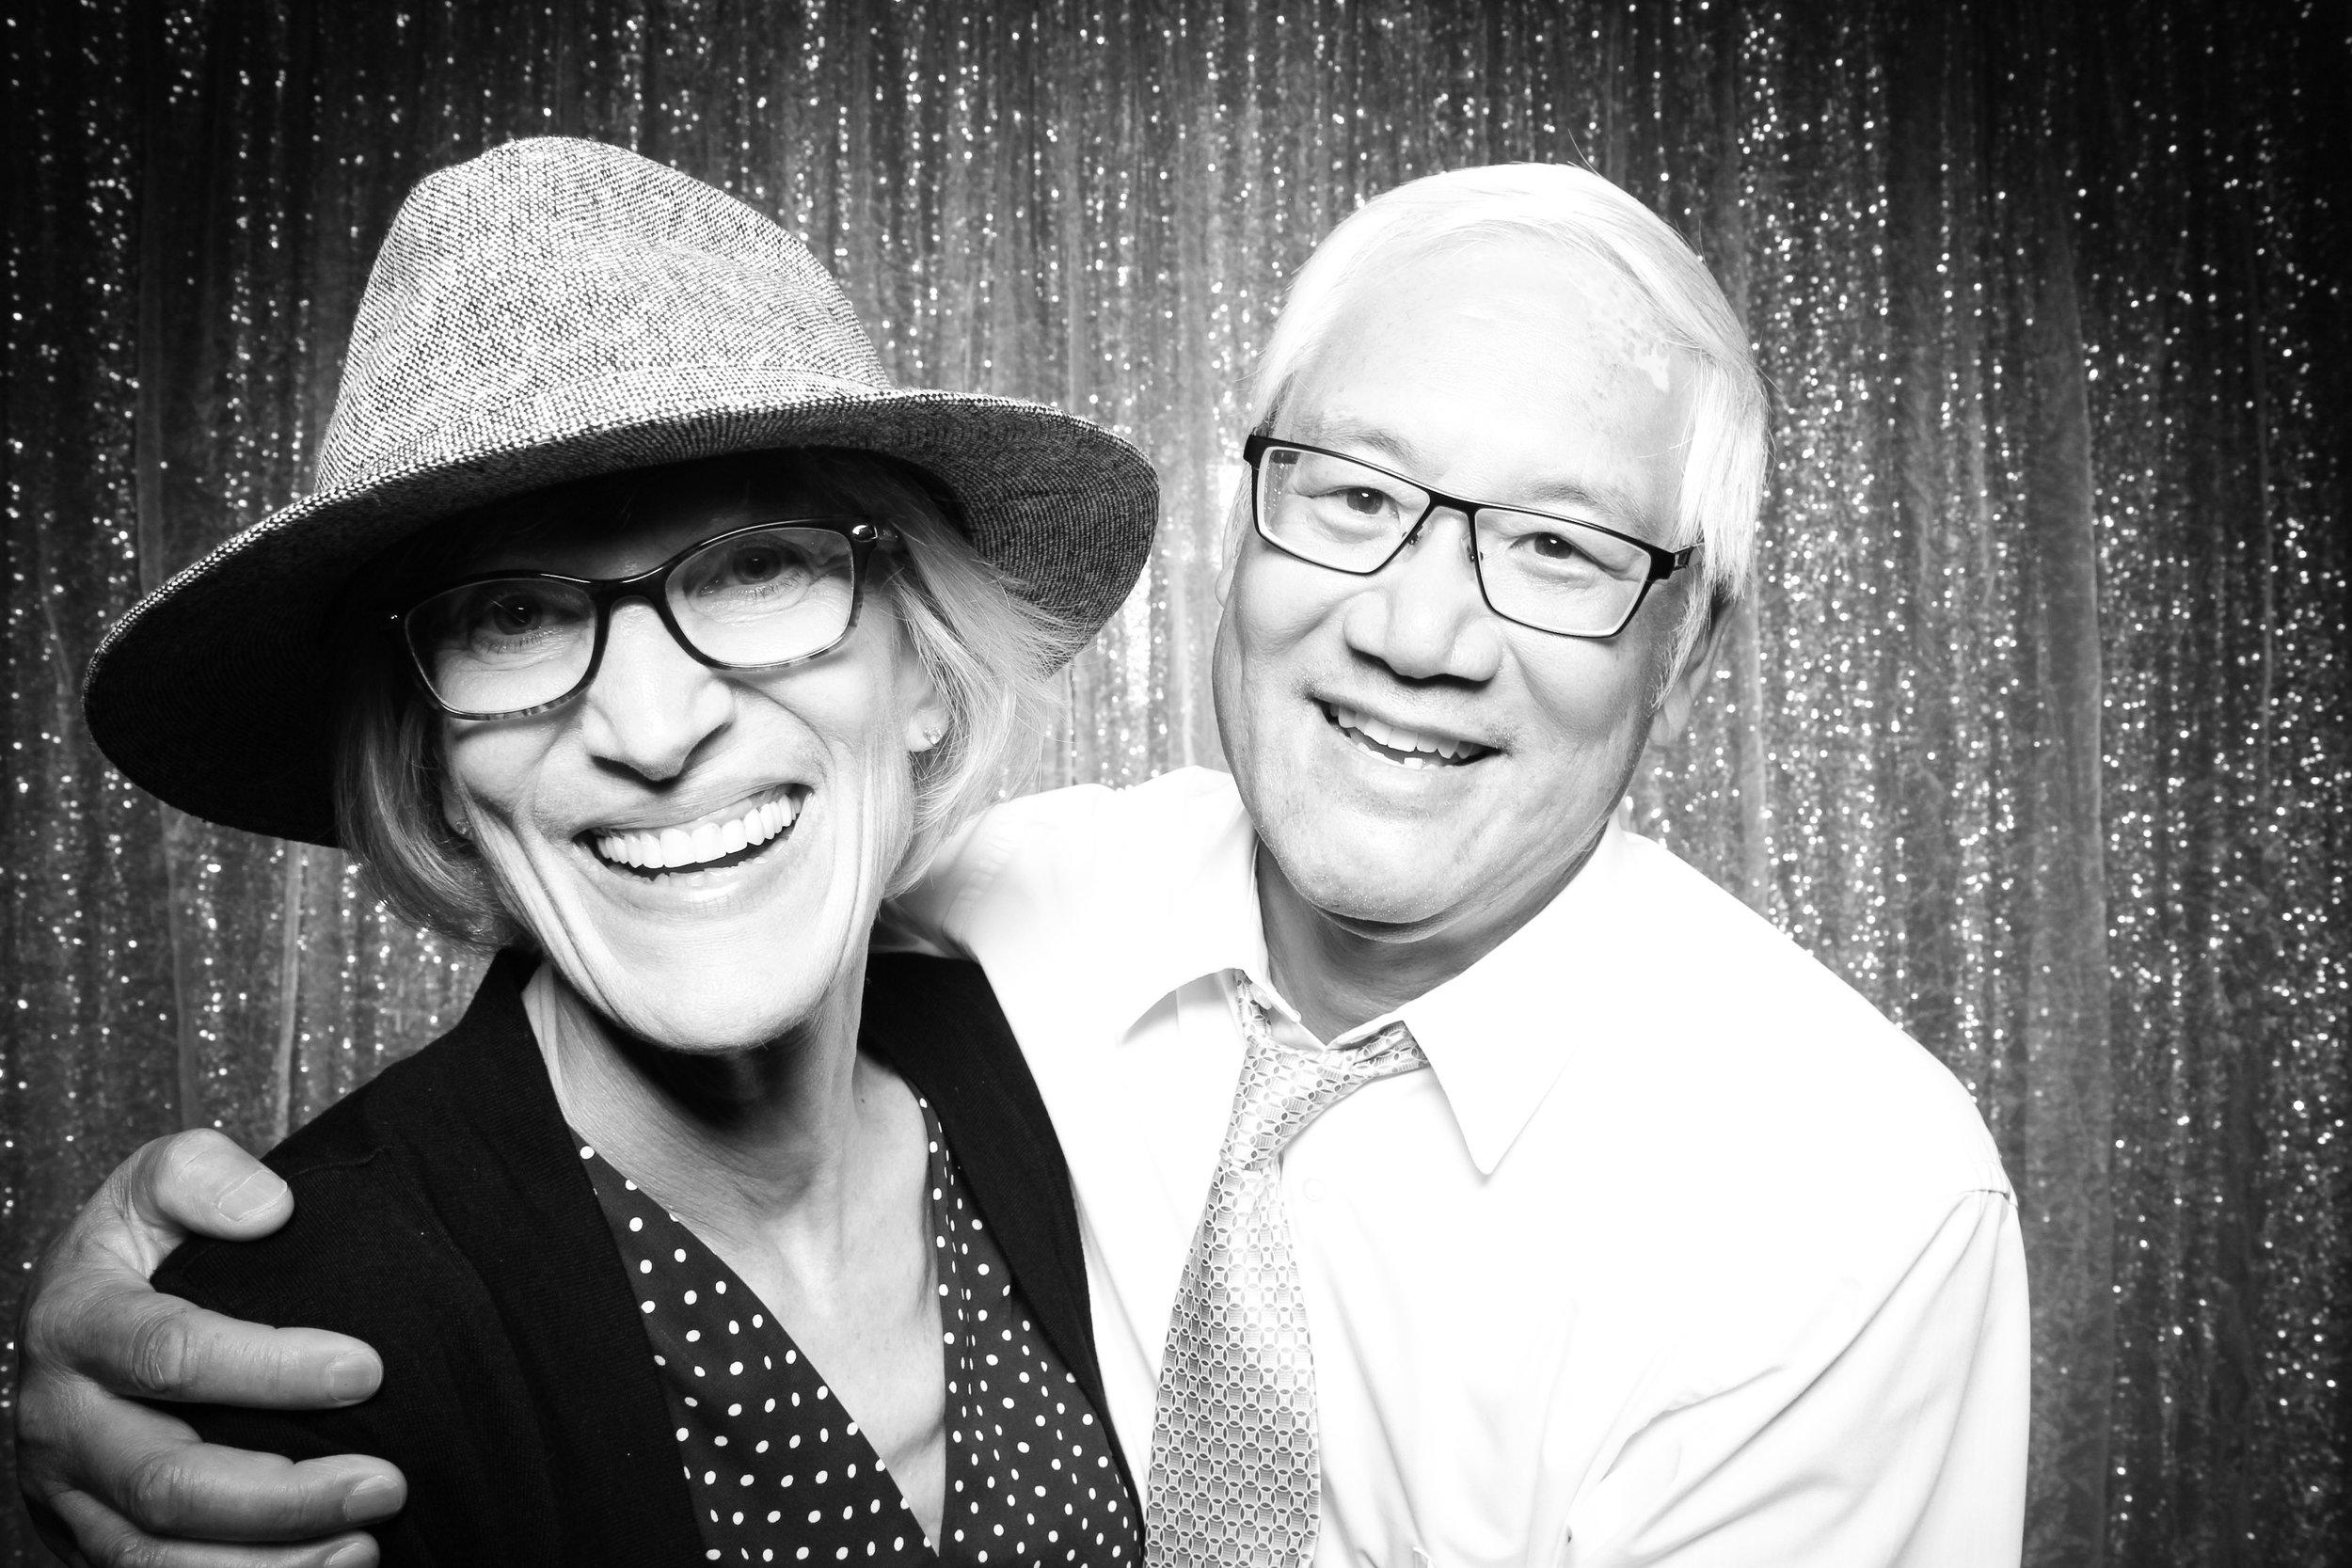 Chicago_Vintage_Wedding_Photobooth_Salvatores_48.jpg